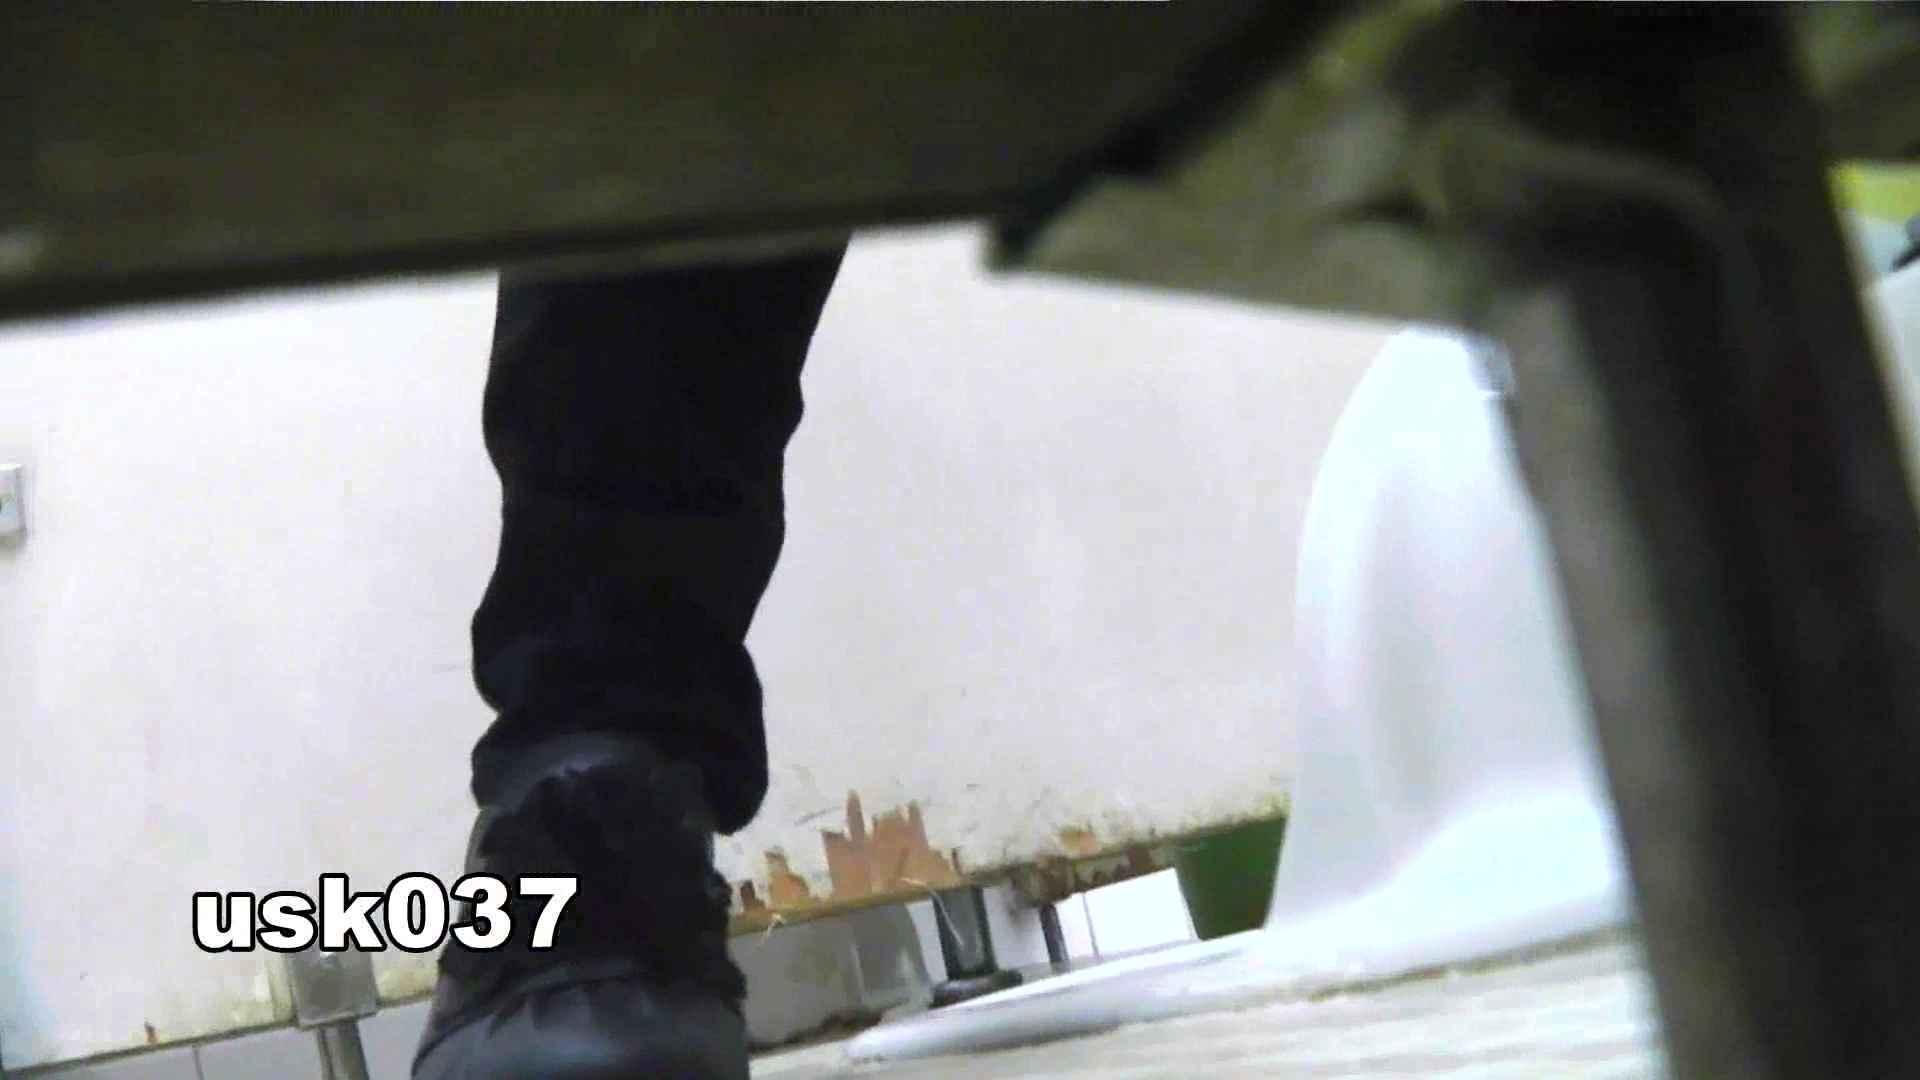 【美しき個室な世界】 vol.037 ひねり出す様子(フトイです) 洗面所  73PIX 27